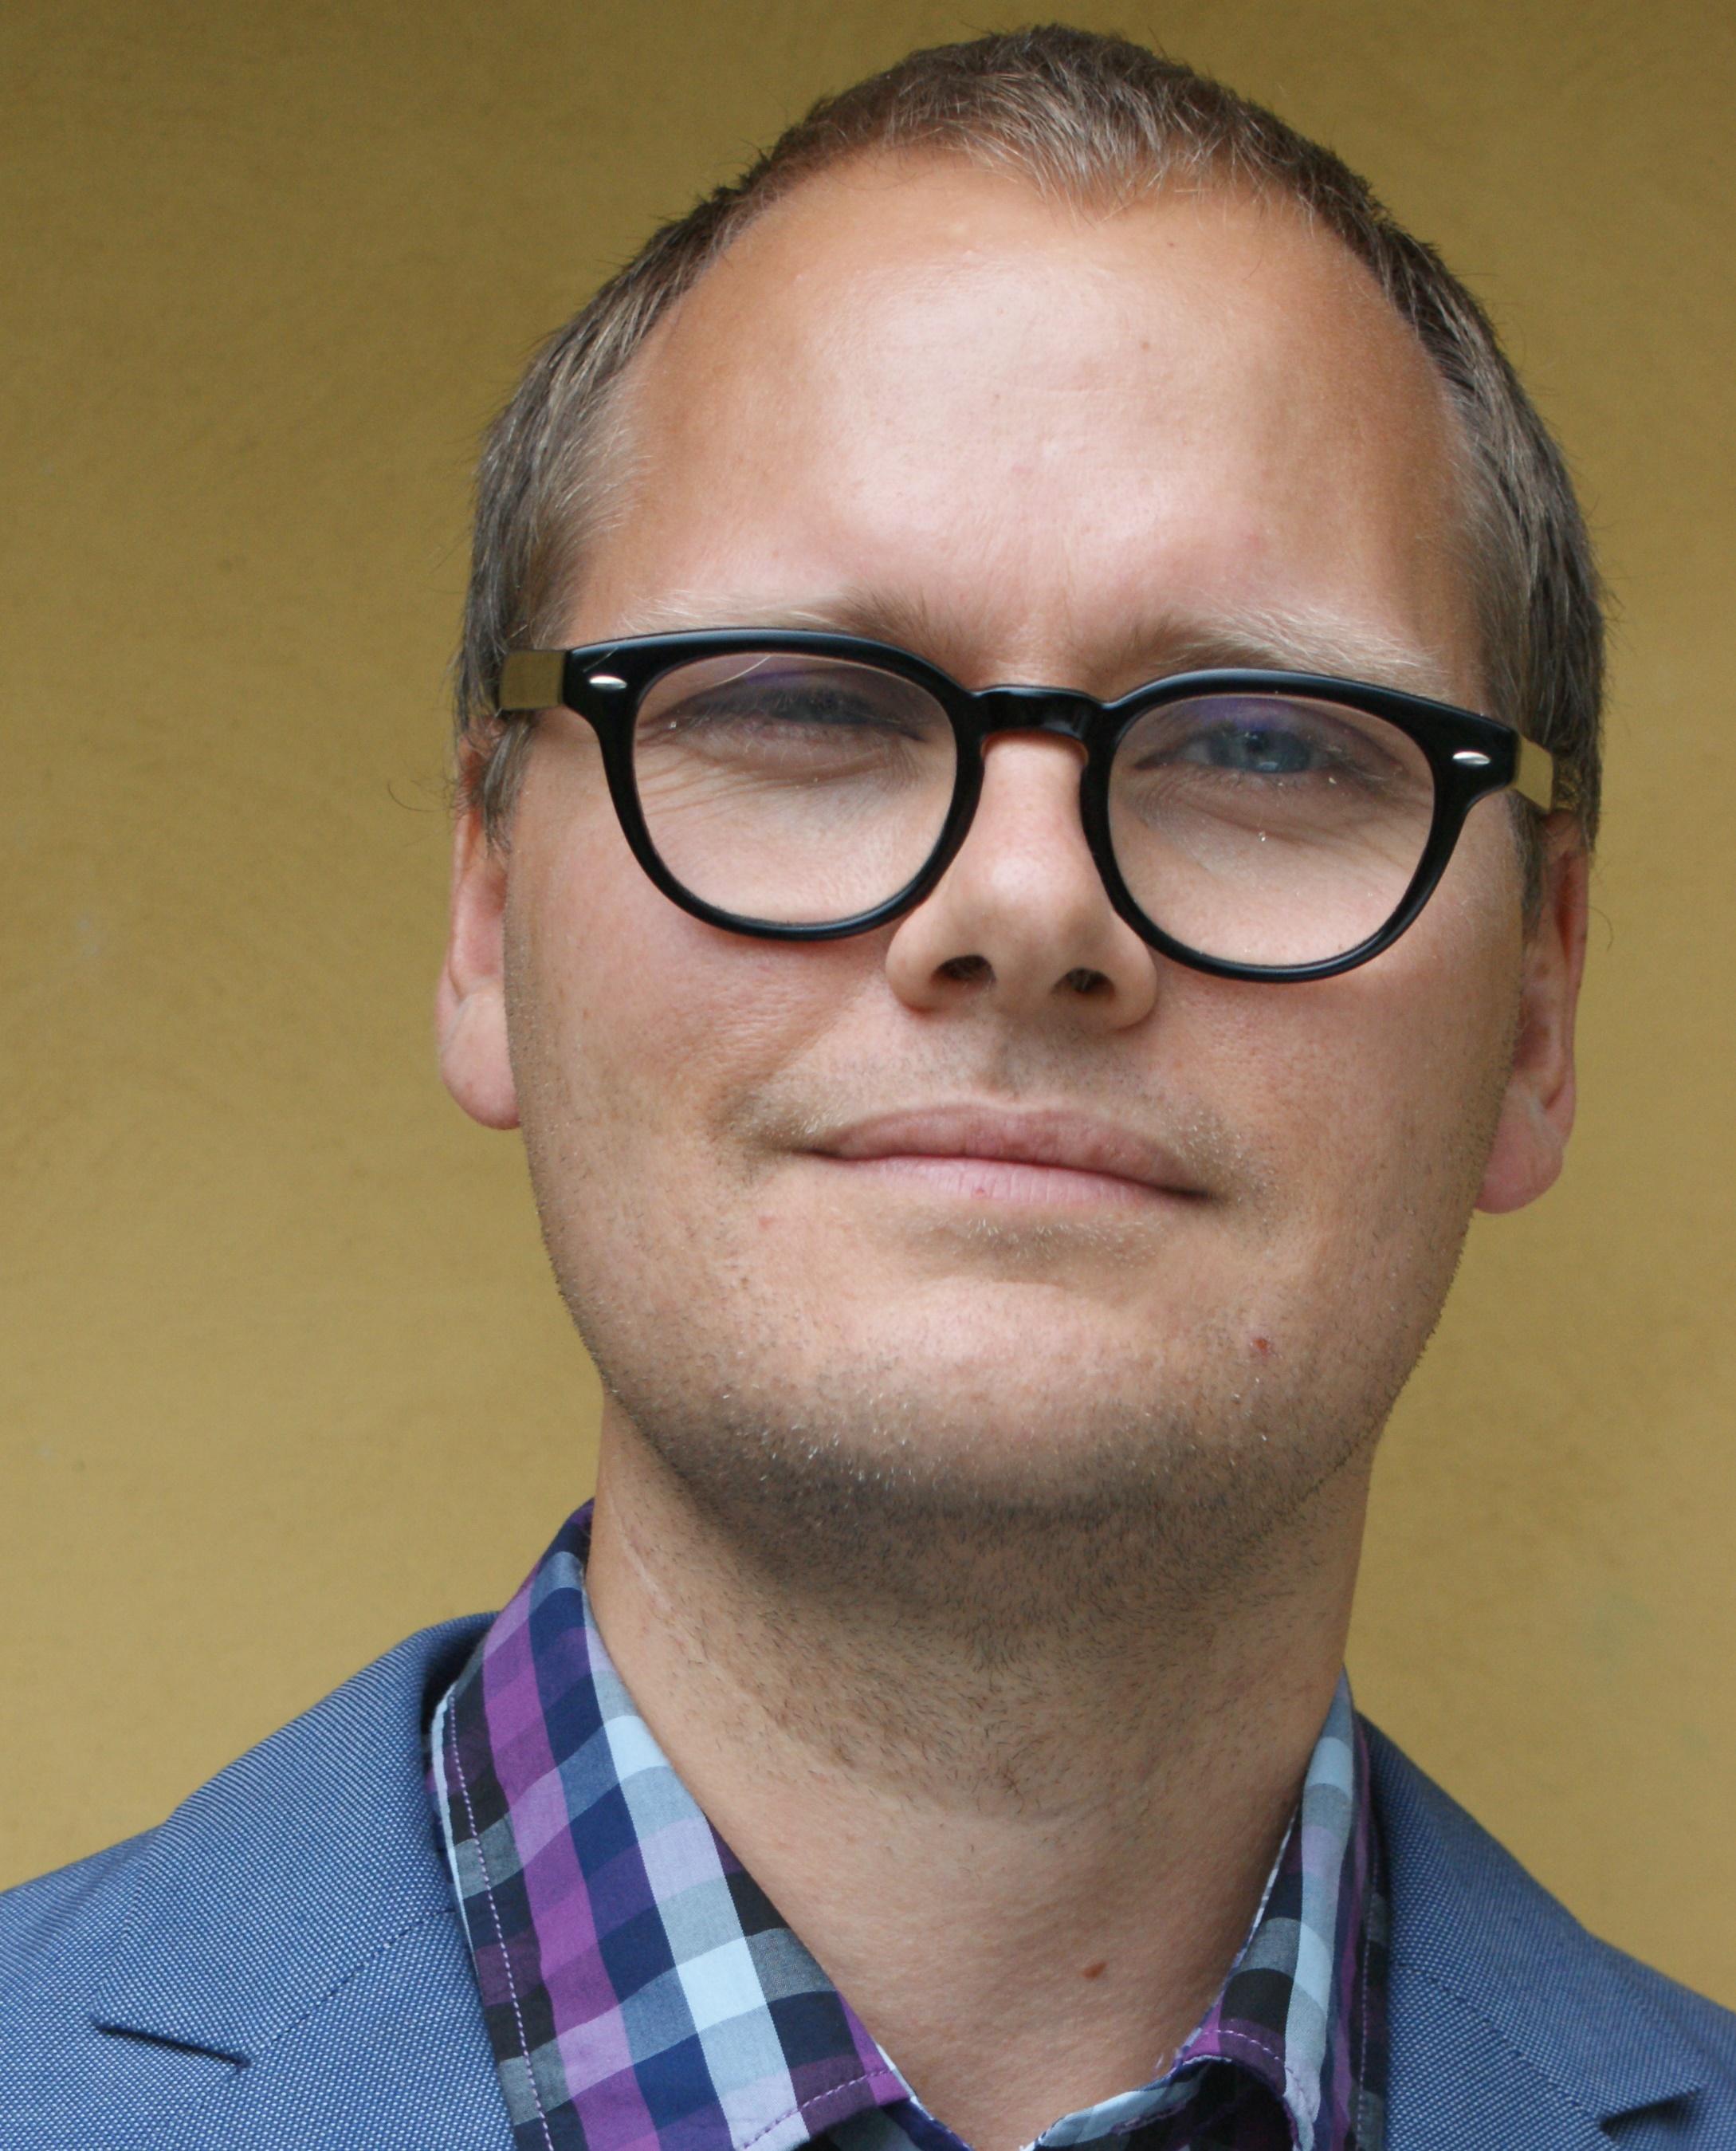 Martin Mose Bentzen